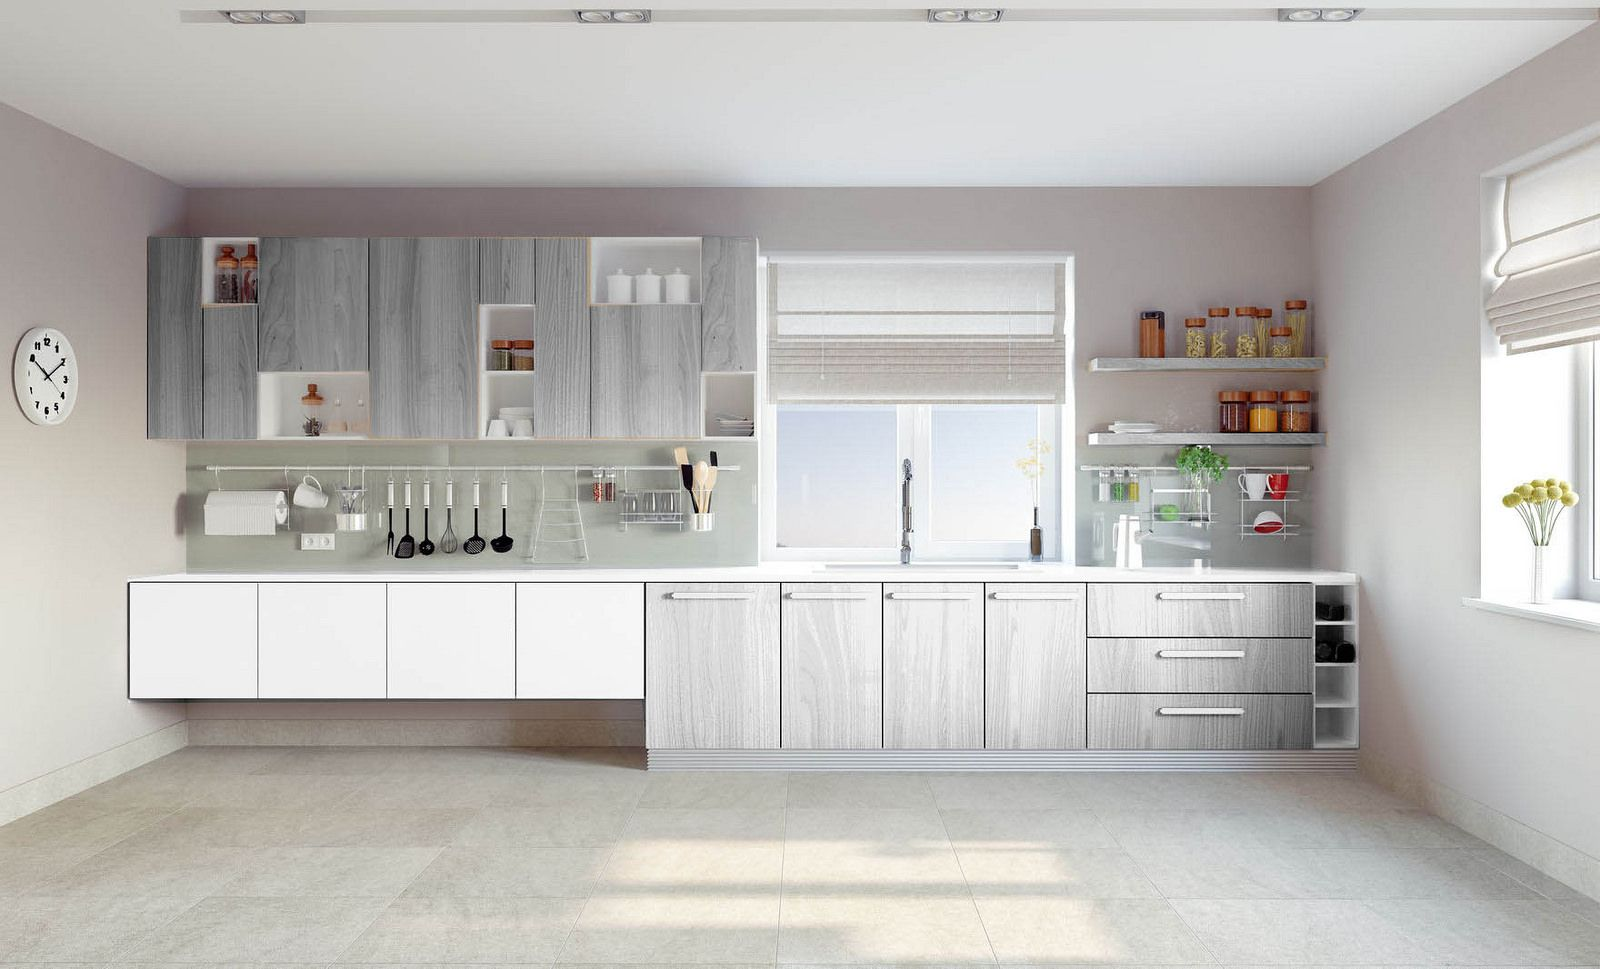 מטבח מודרני דגם אלמוג בלעדי Kitchenpt Com מטבחים בעיצובים מודרניים חדשים Kitchenpt Com Kitchen Cabinets Kitchen Home Decor